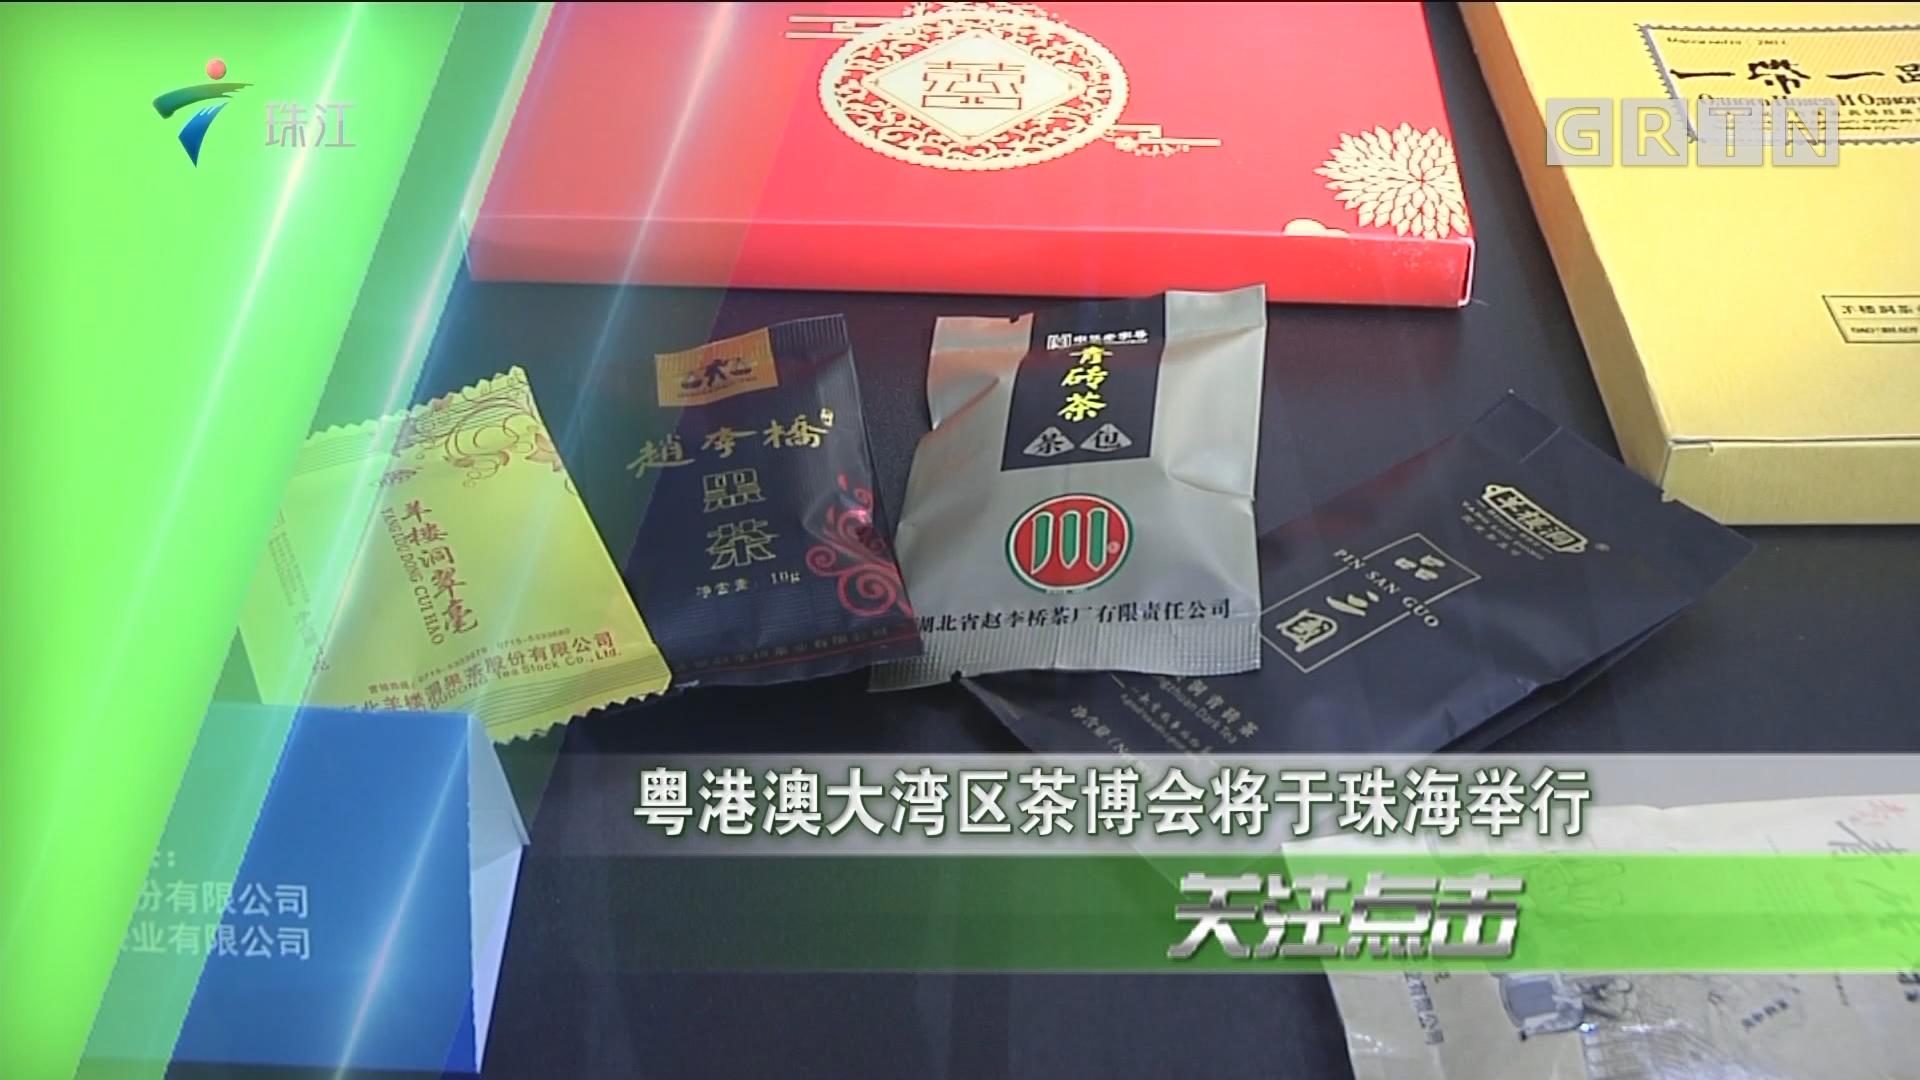 粤港澳大湾区茶博会将于珠海举行